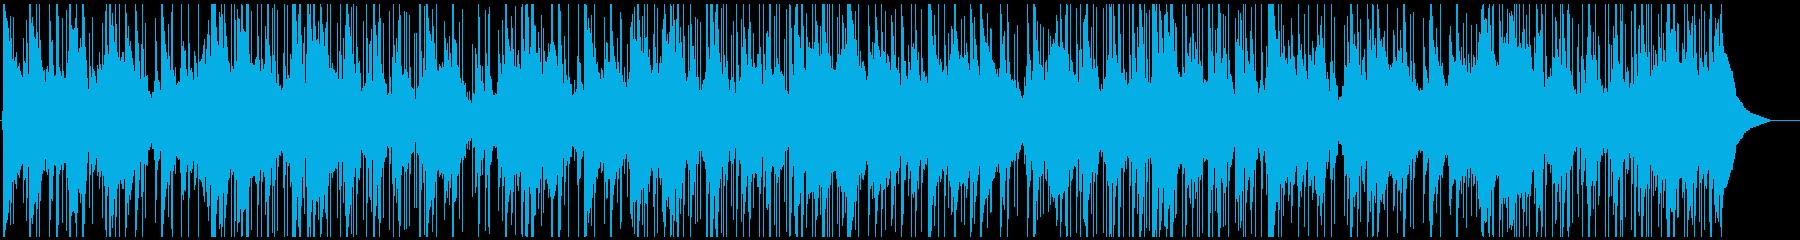 オールド風シンプルなポップバラードの再生済みの波形